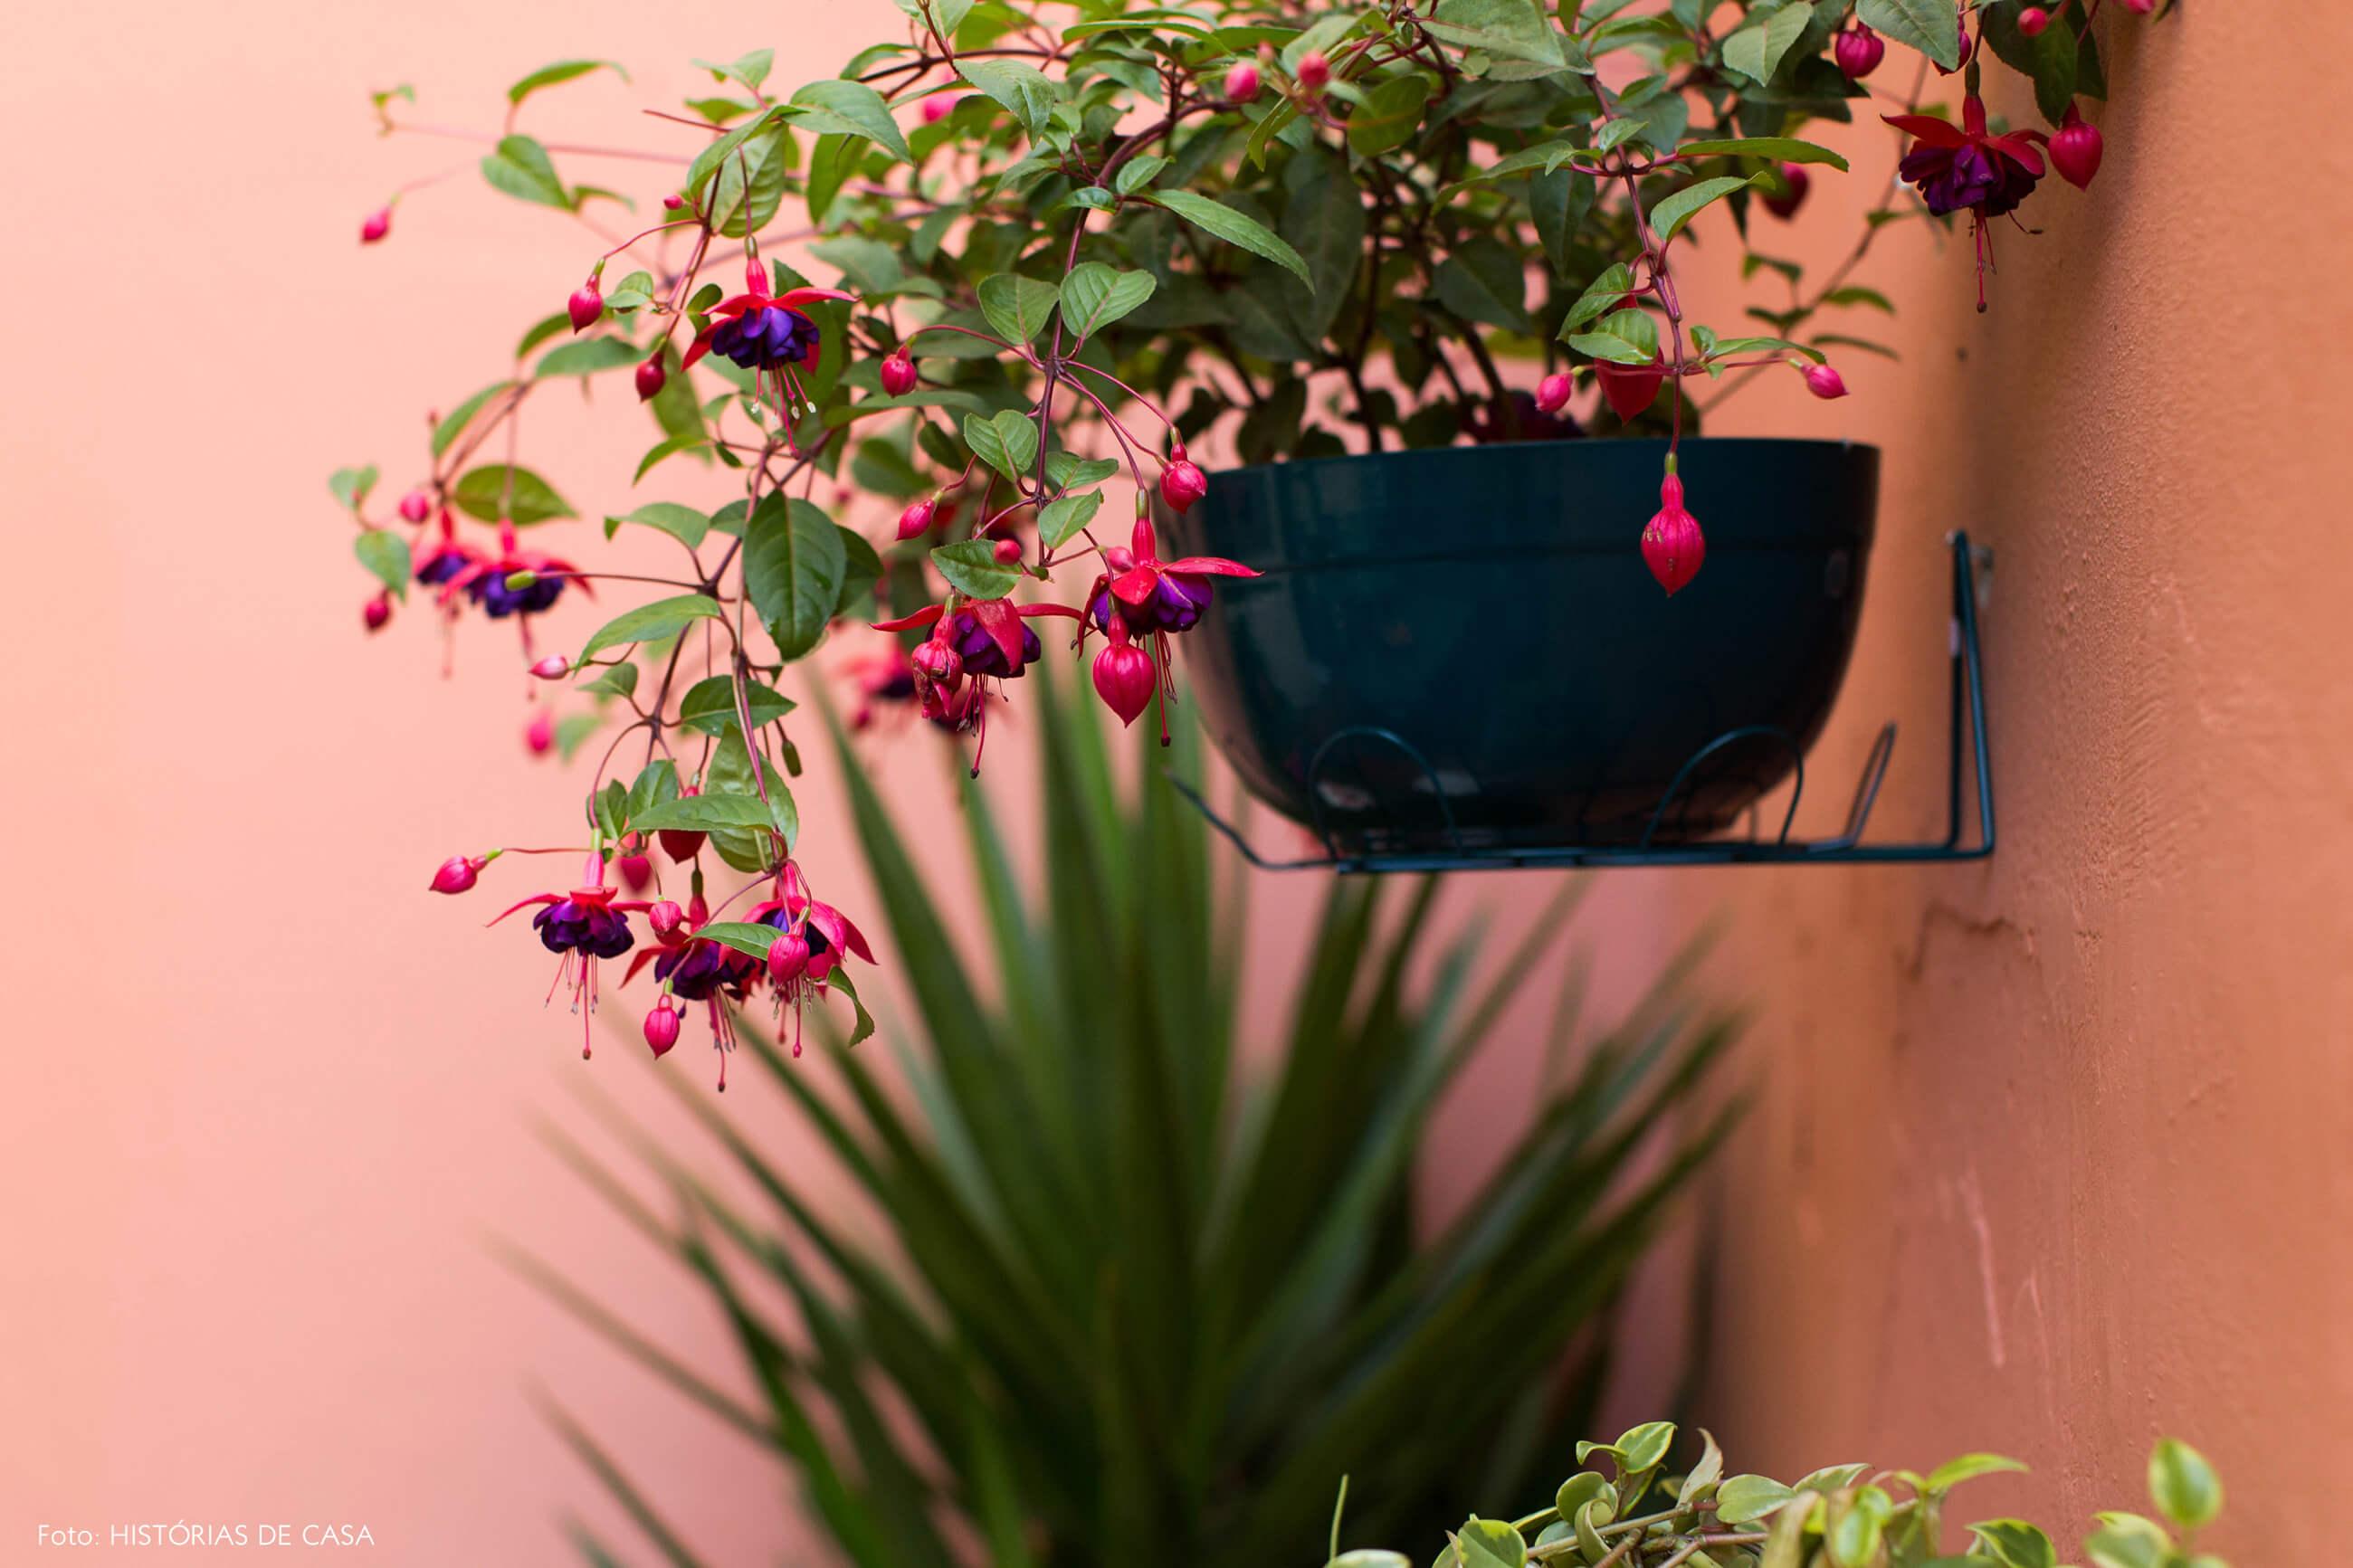 Planta em suporte de parede no quintal